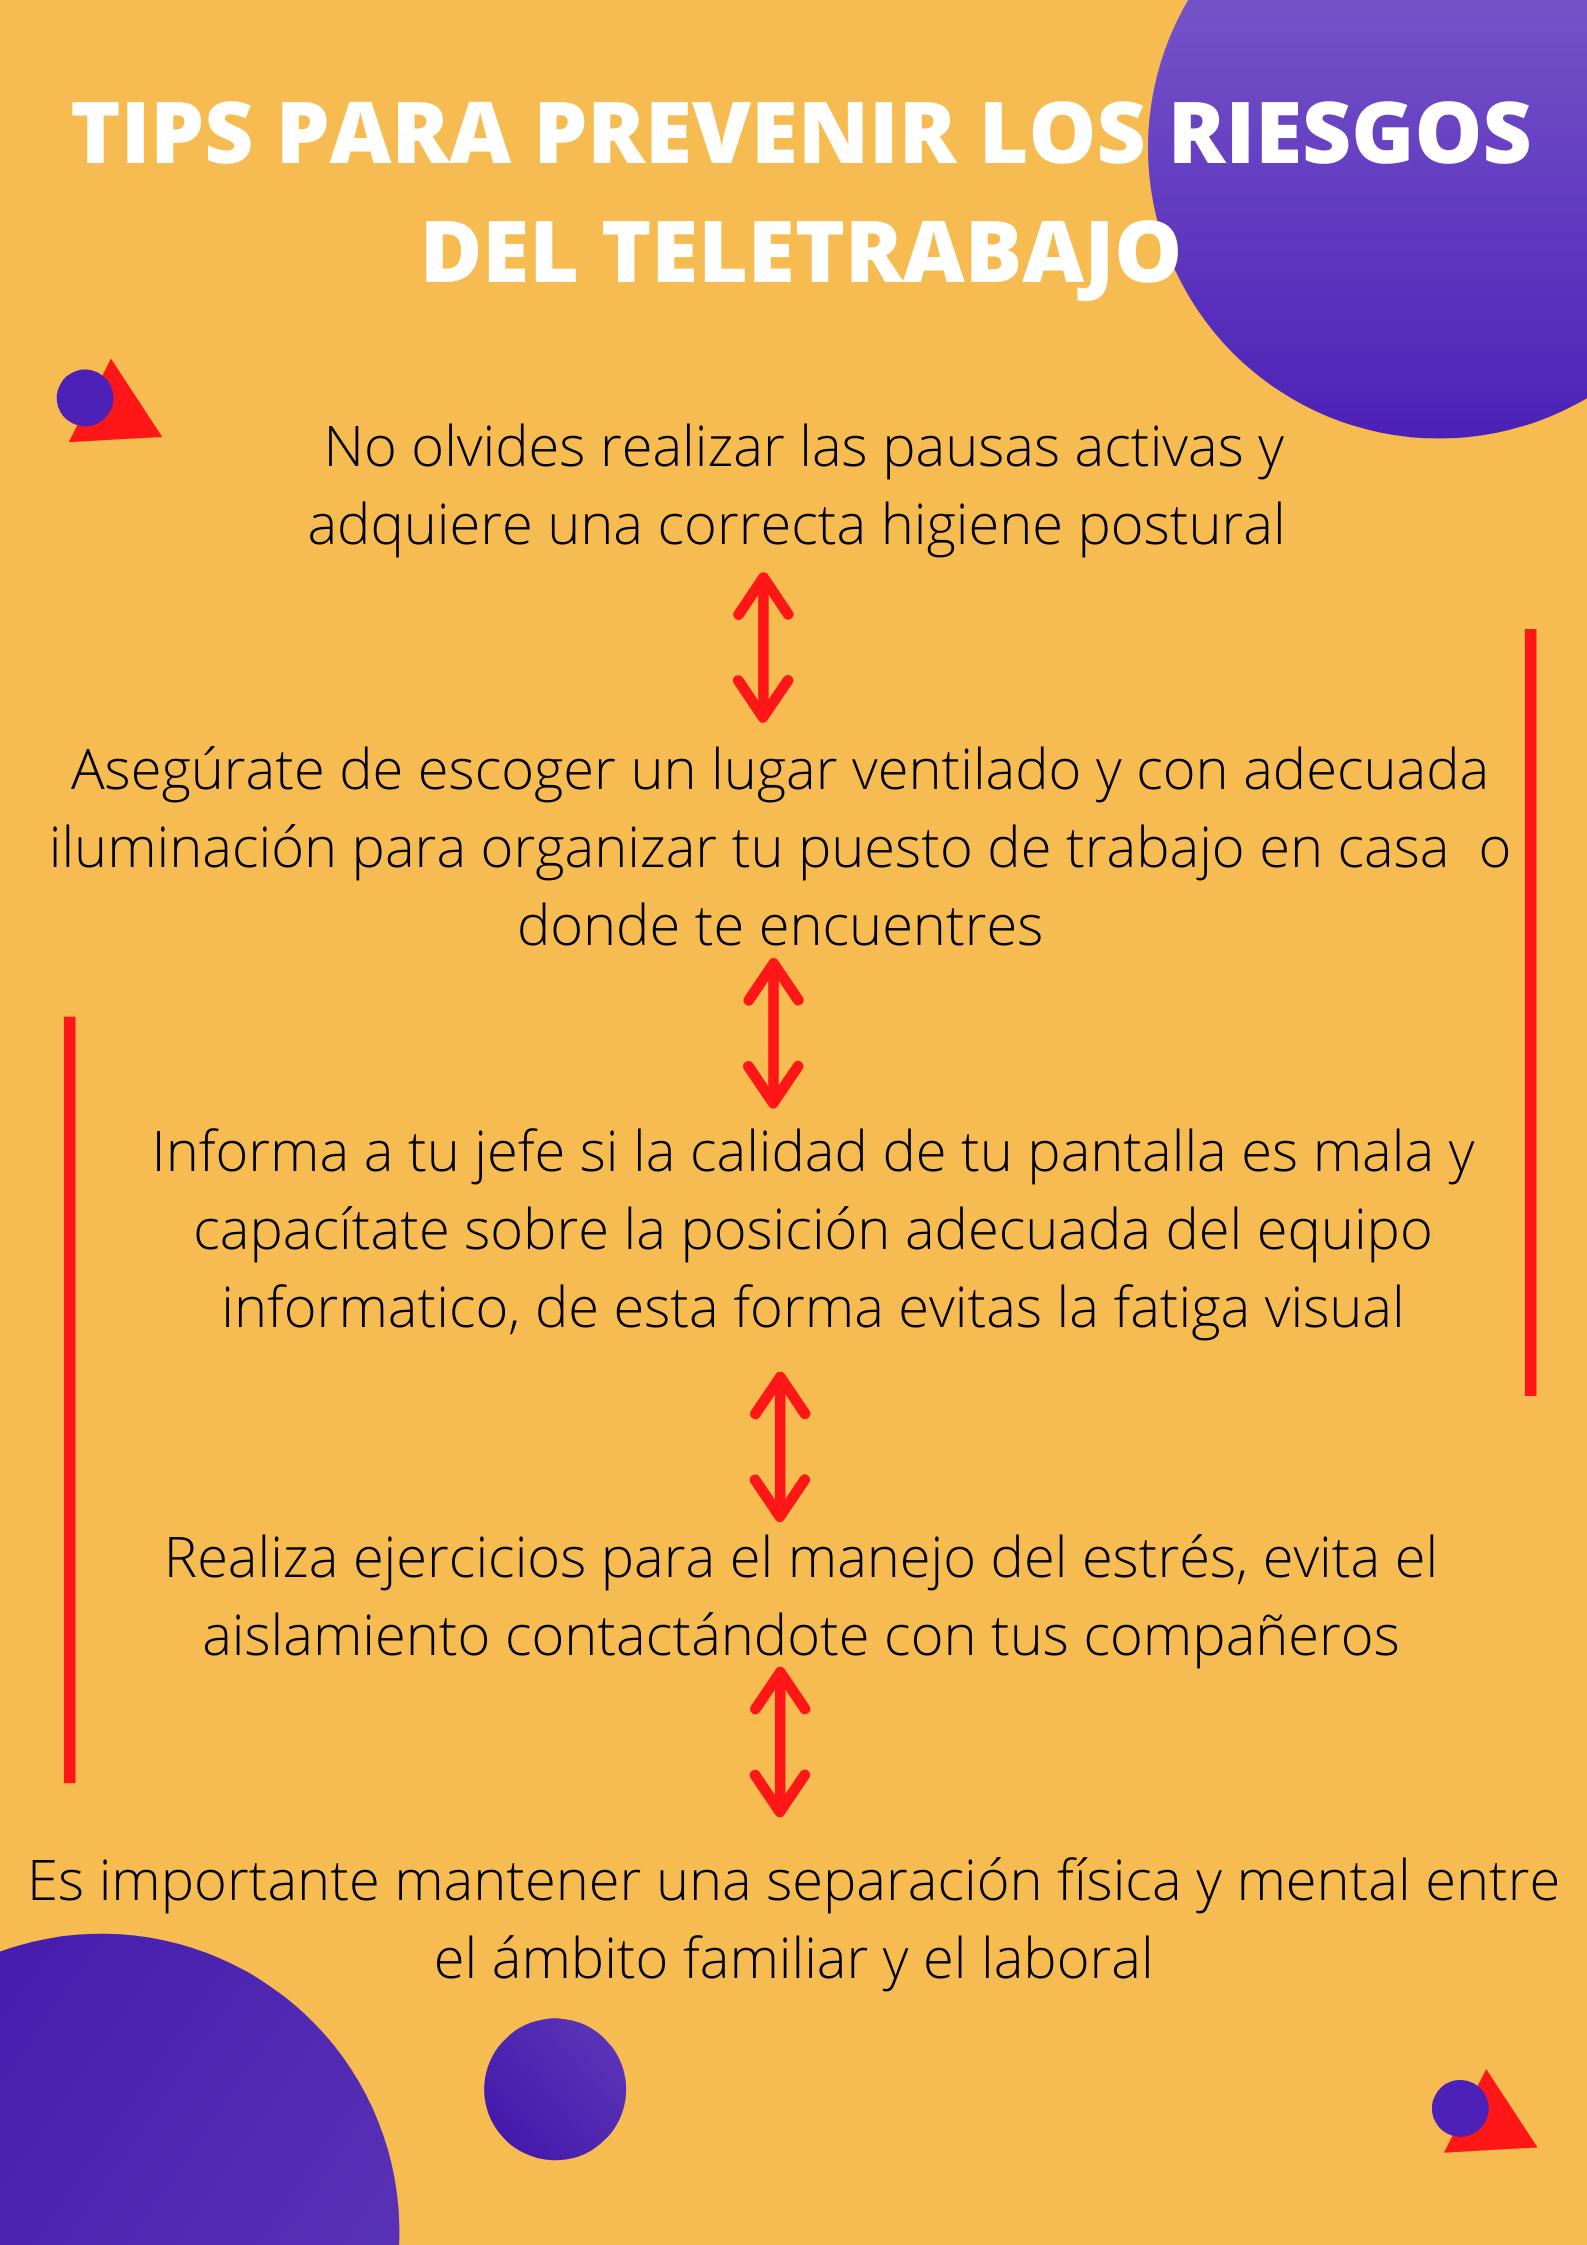 TIPS RIESGOS TELETRABAJO